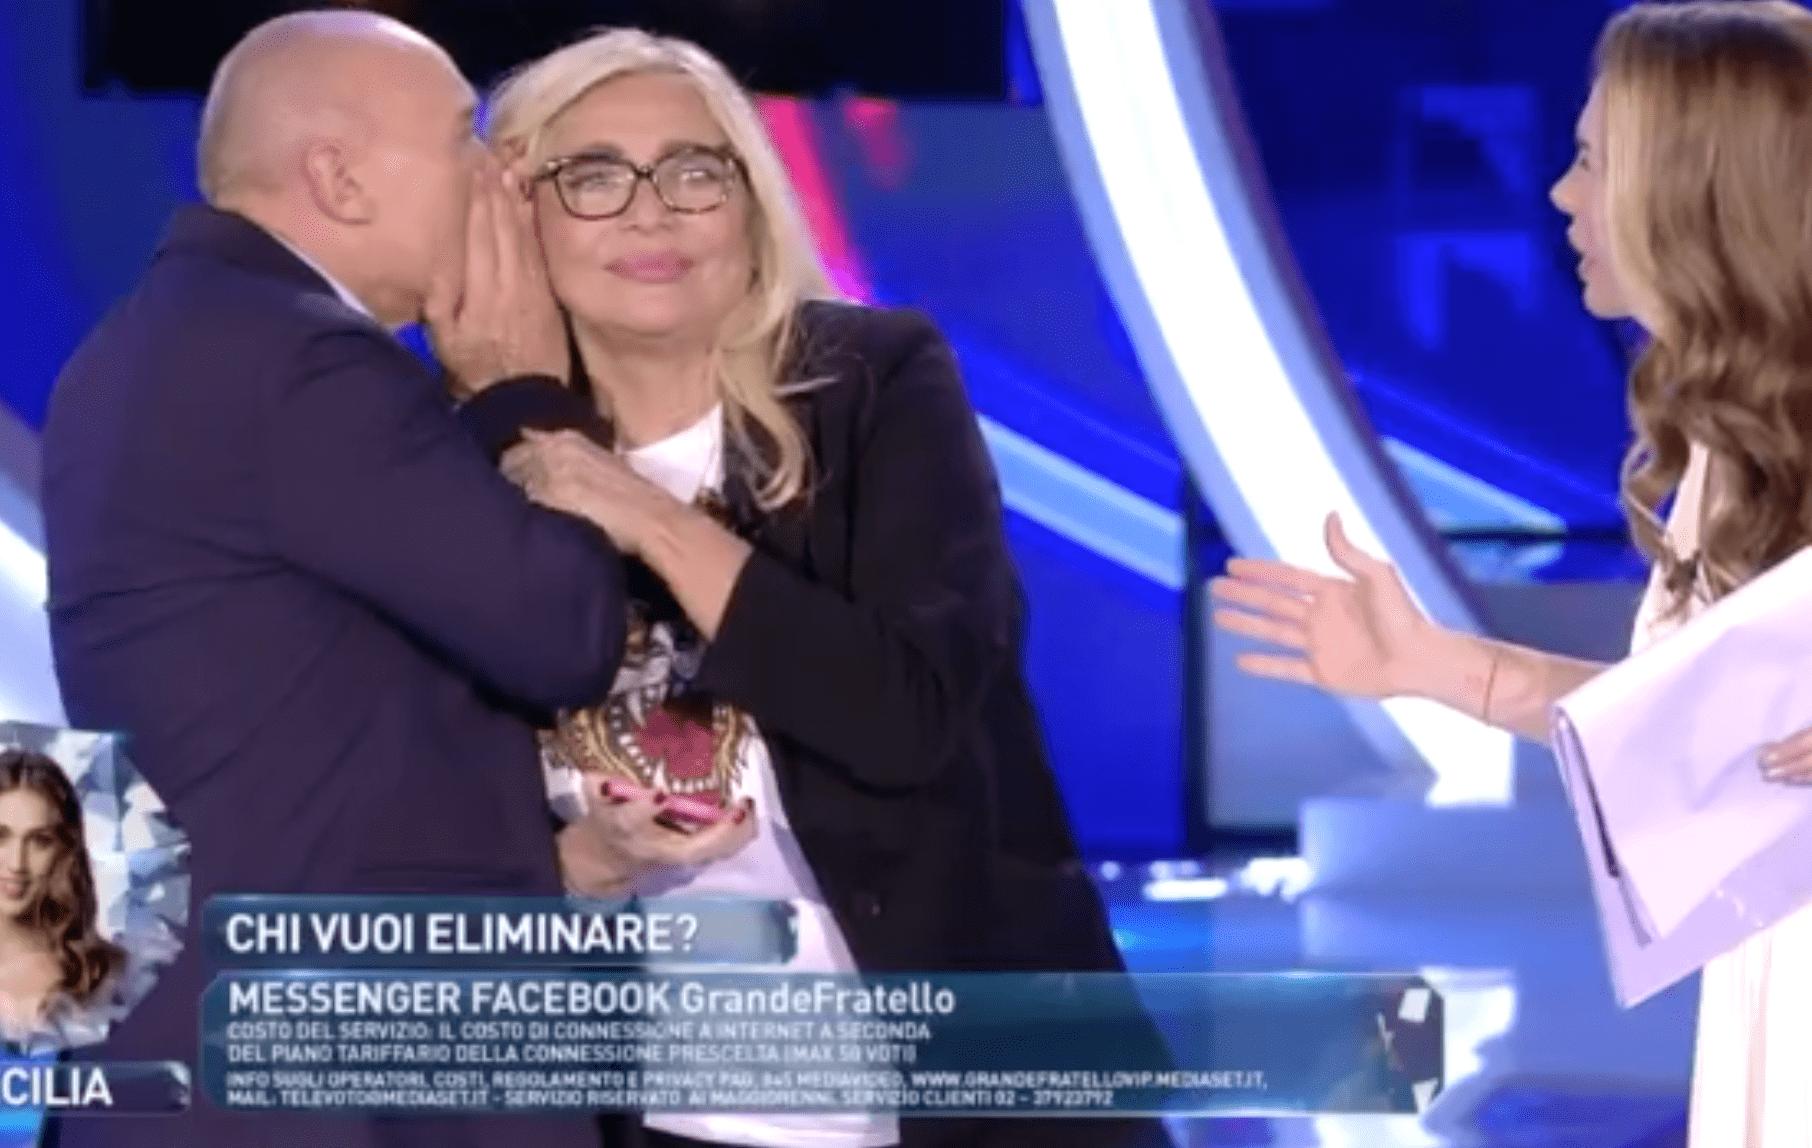 GF Vip 2017, Daniele Bossari e Aida Yespica in finale: lo spoiler di Alfonso Signorini